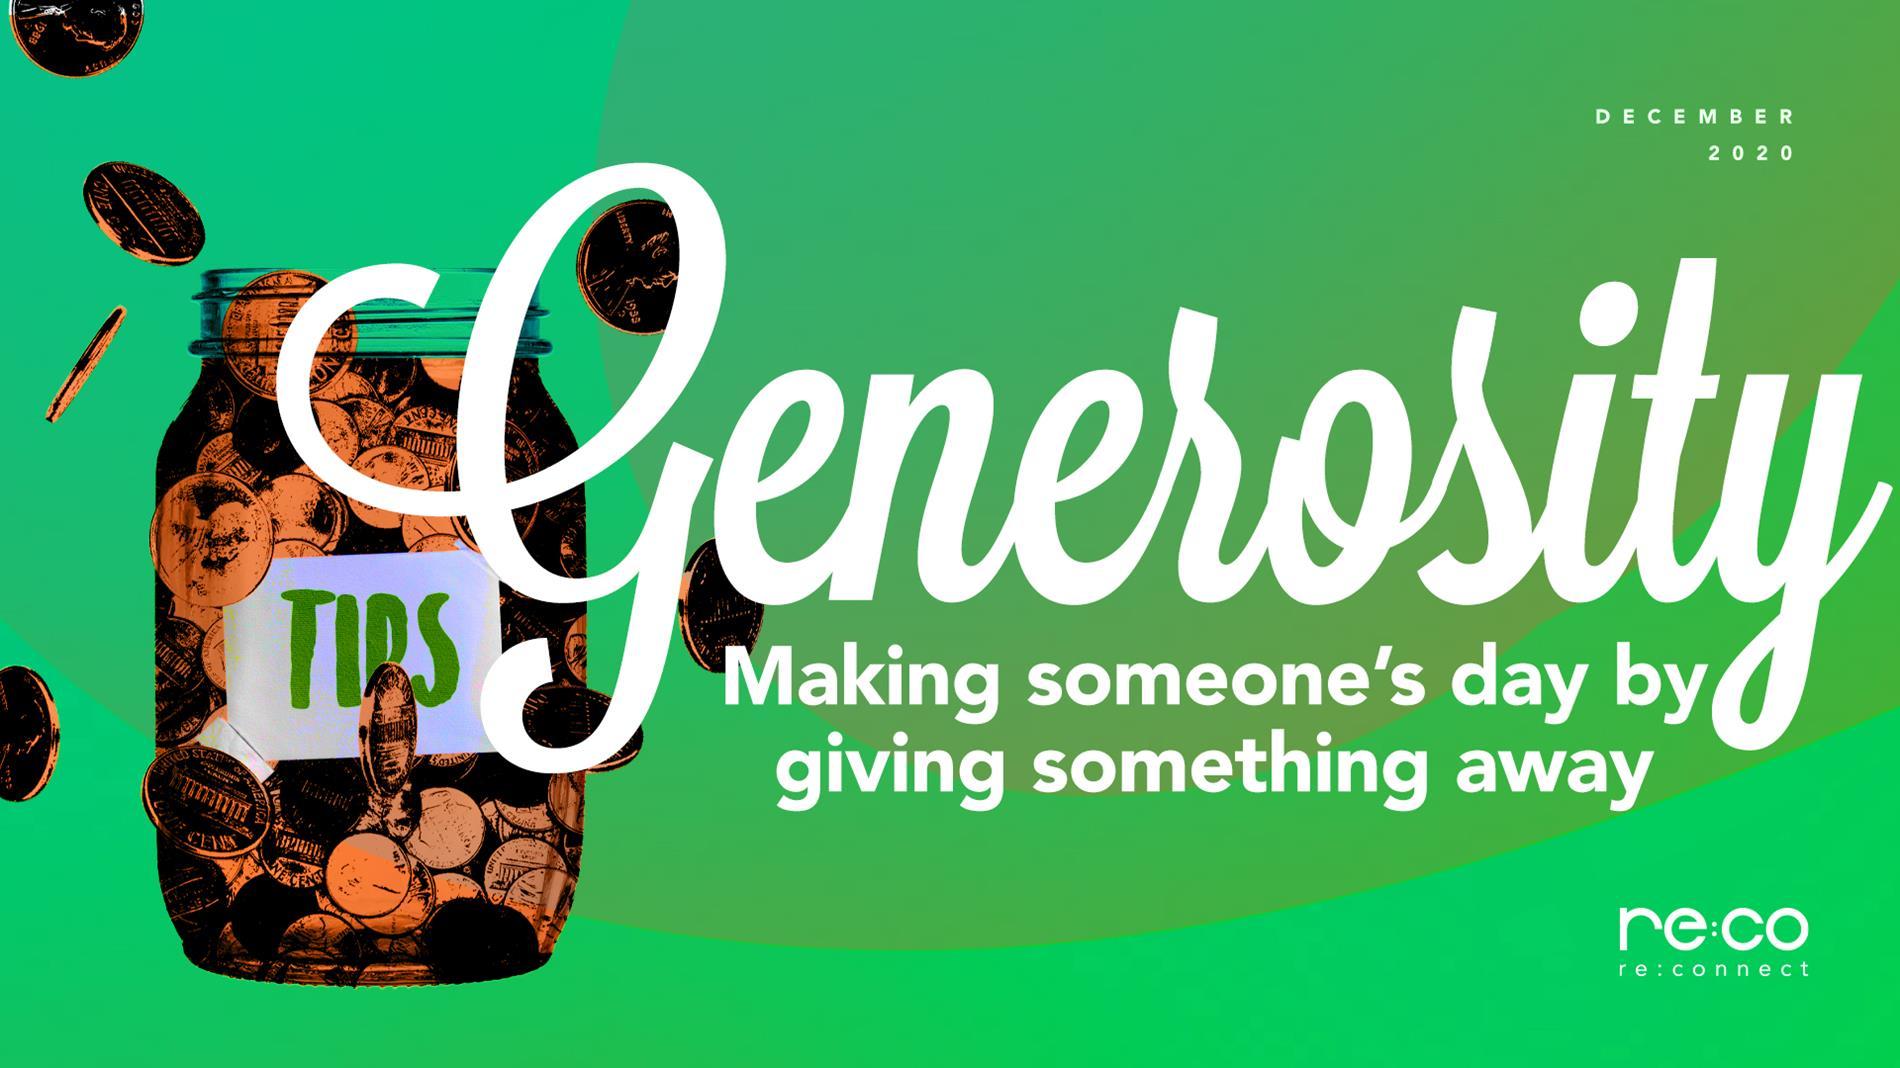 December 2020-Generosity